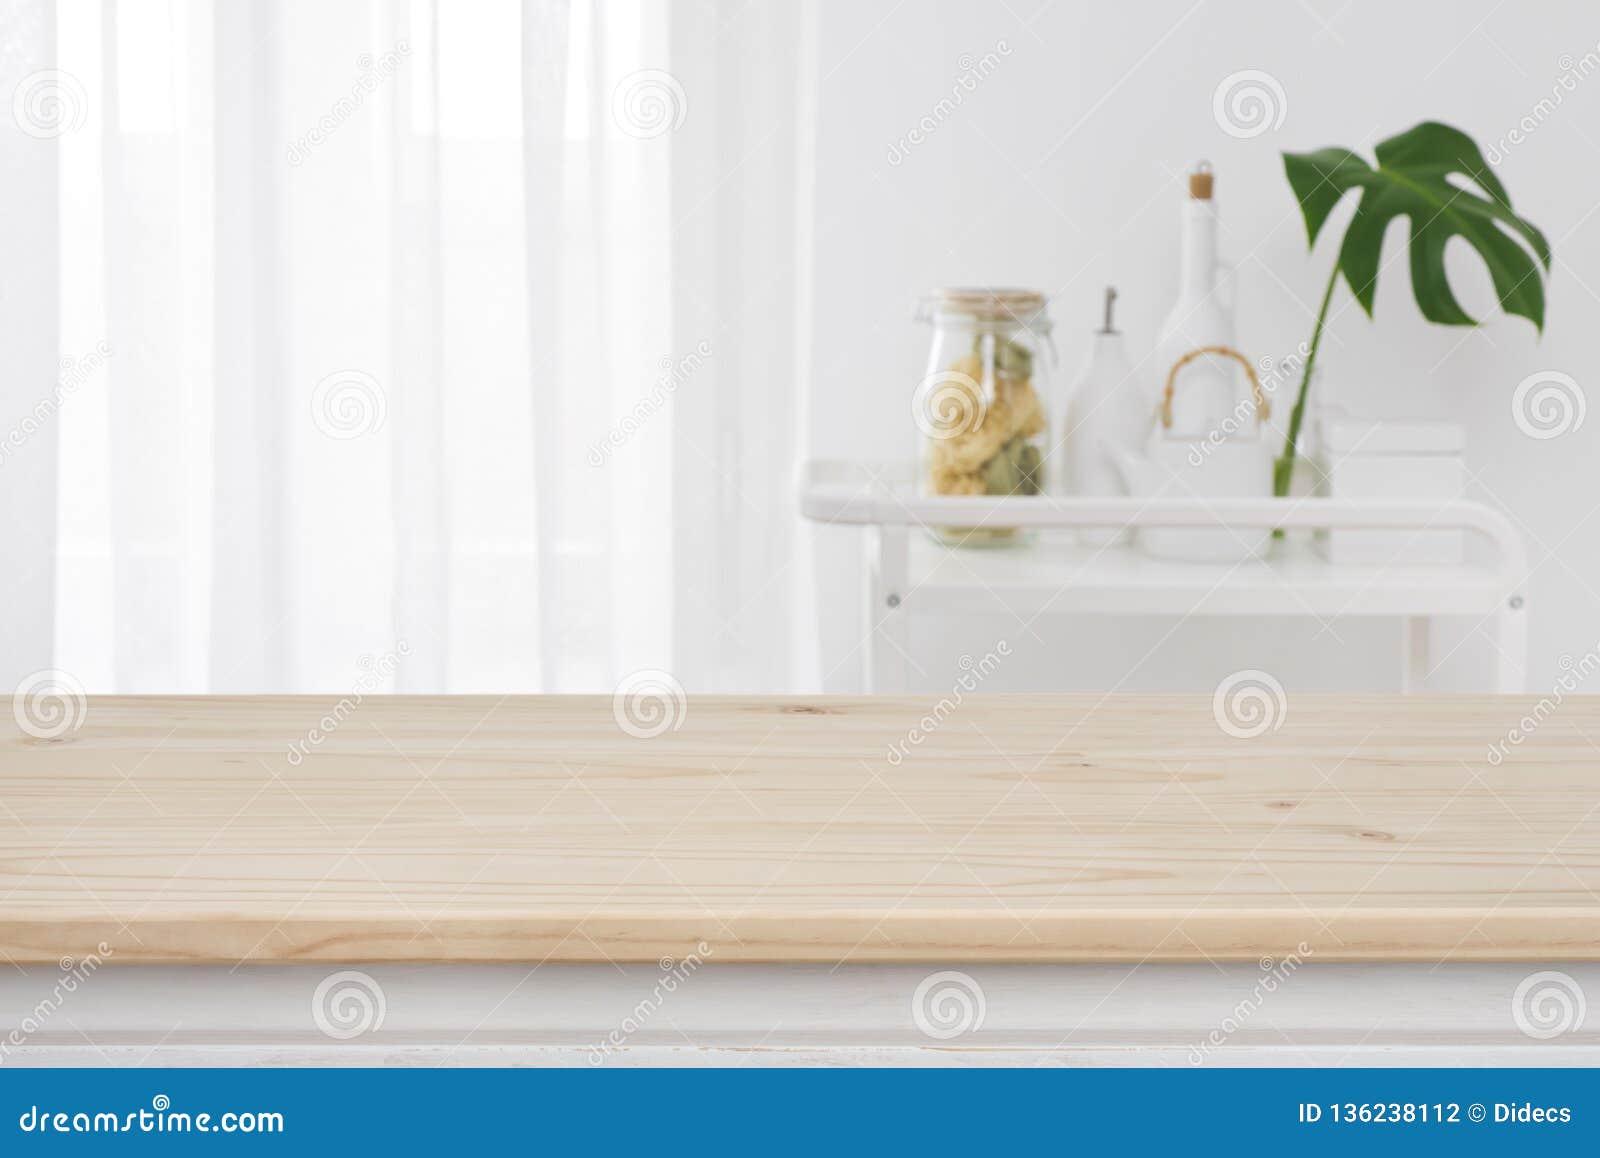 Θολωμένο παράθυρο κουζινών, υπόβαθρο ραφιών με ξύλινο tabletop στο μέτωπο